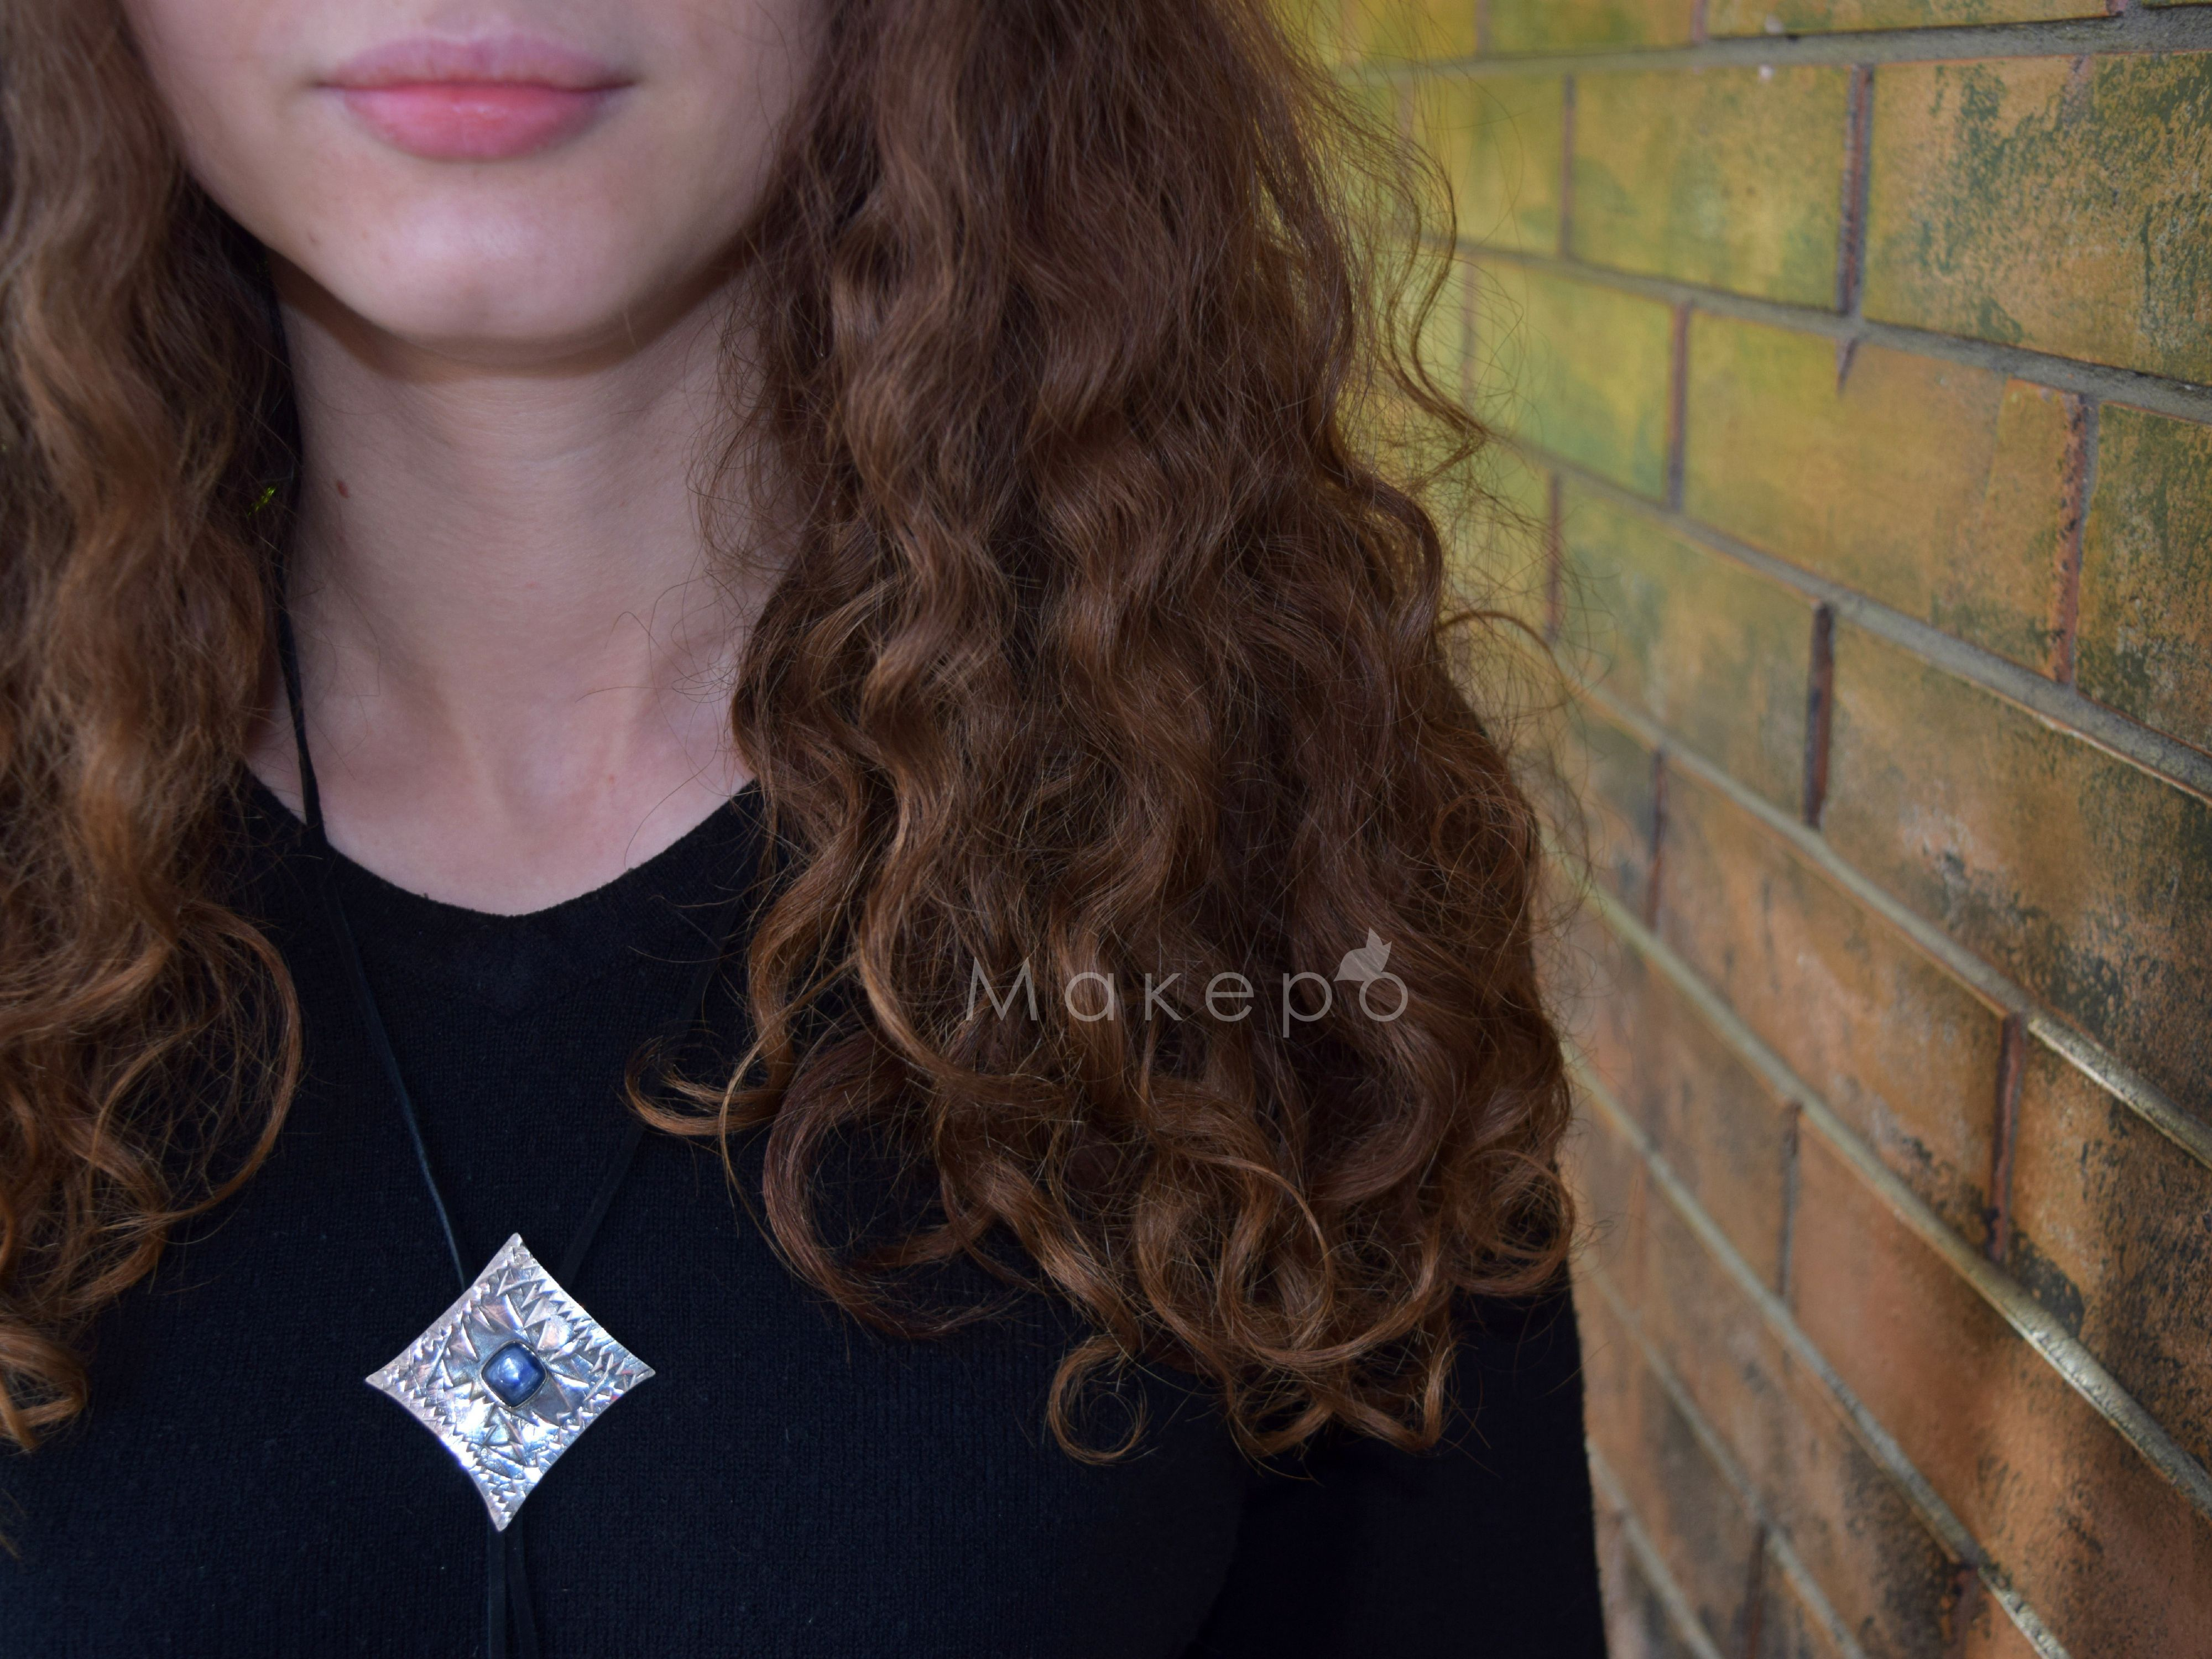 серебряный ручнаяработа кулон брошь украшение кулонгалстук серебра серебрянаяподвеска подвескаизсеребра серебряныйкулон кулонизсеребра серебряная подвеска